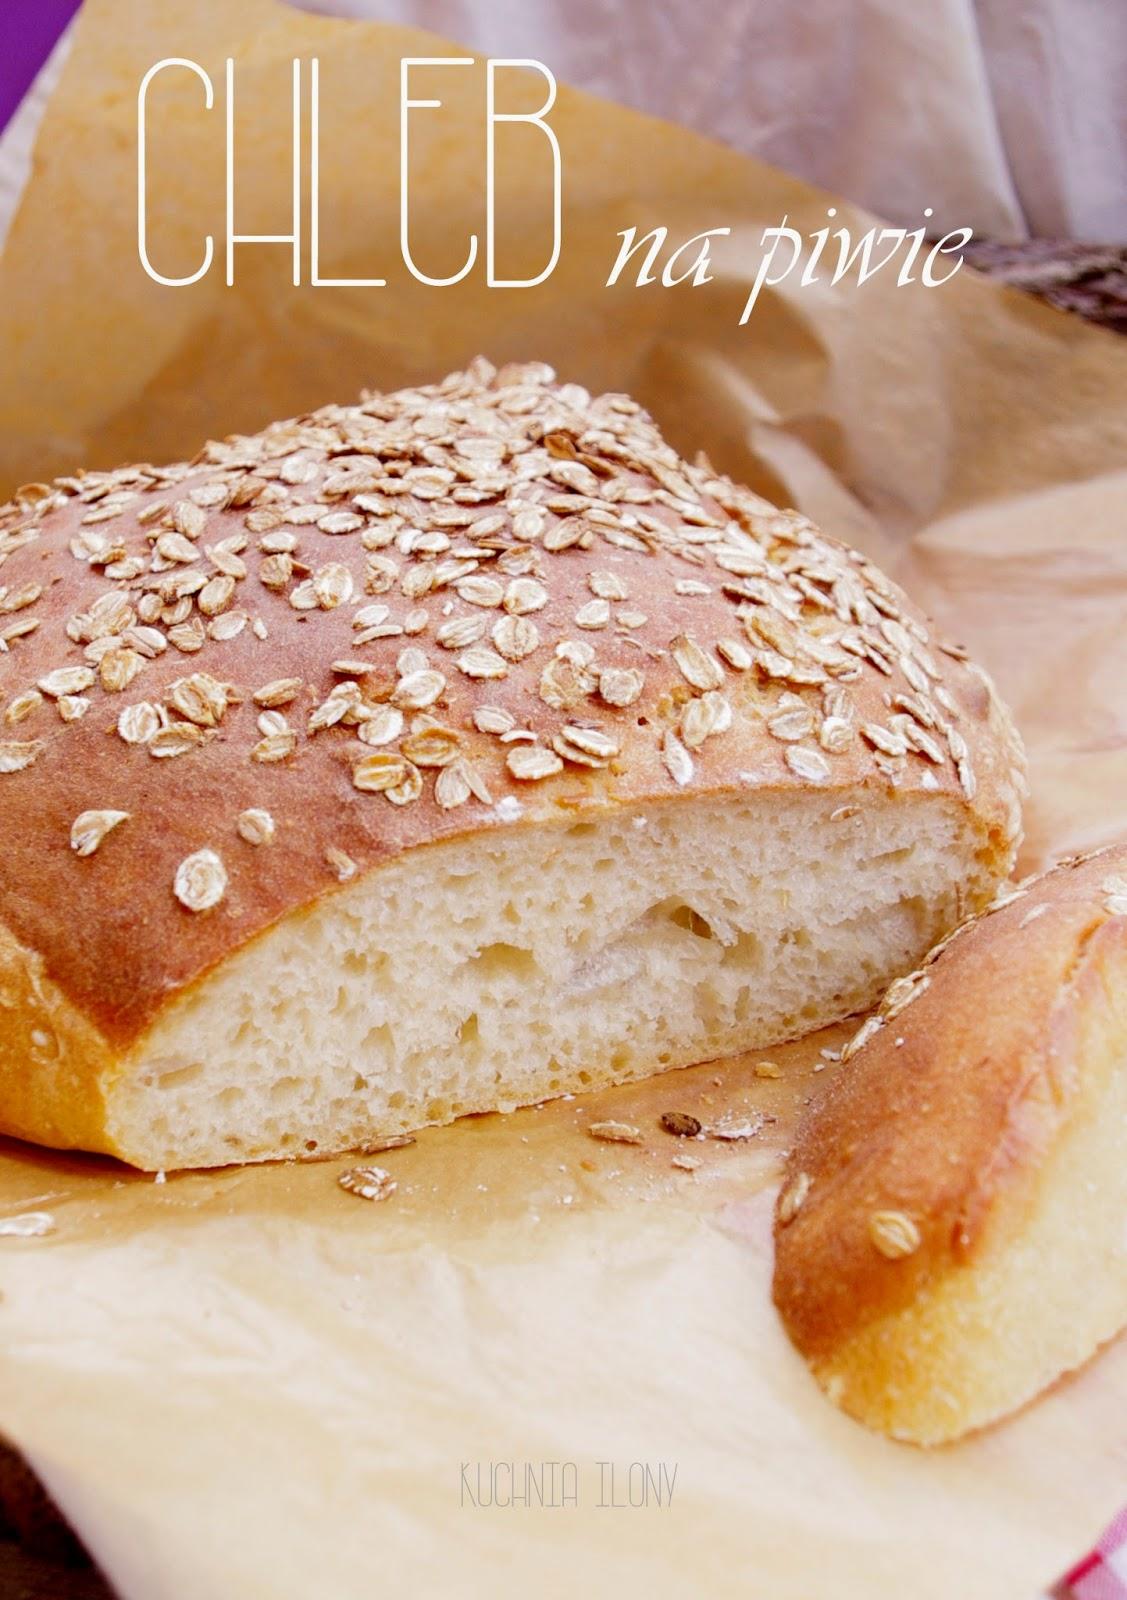 chleb na piwie, chleb na guinnessie, chleb na drożdżach, chleb,